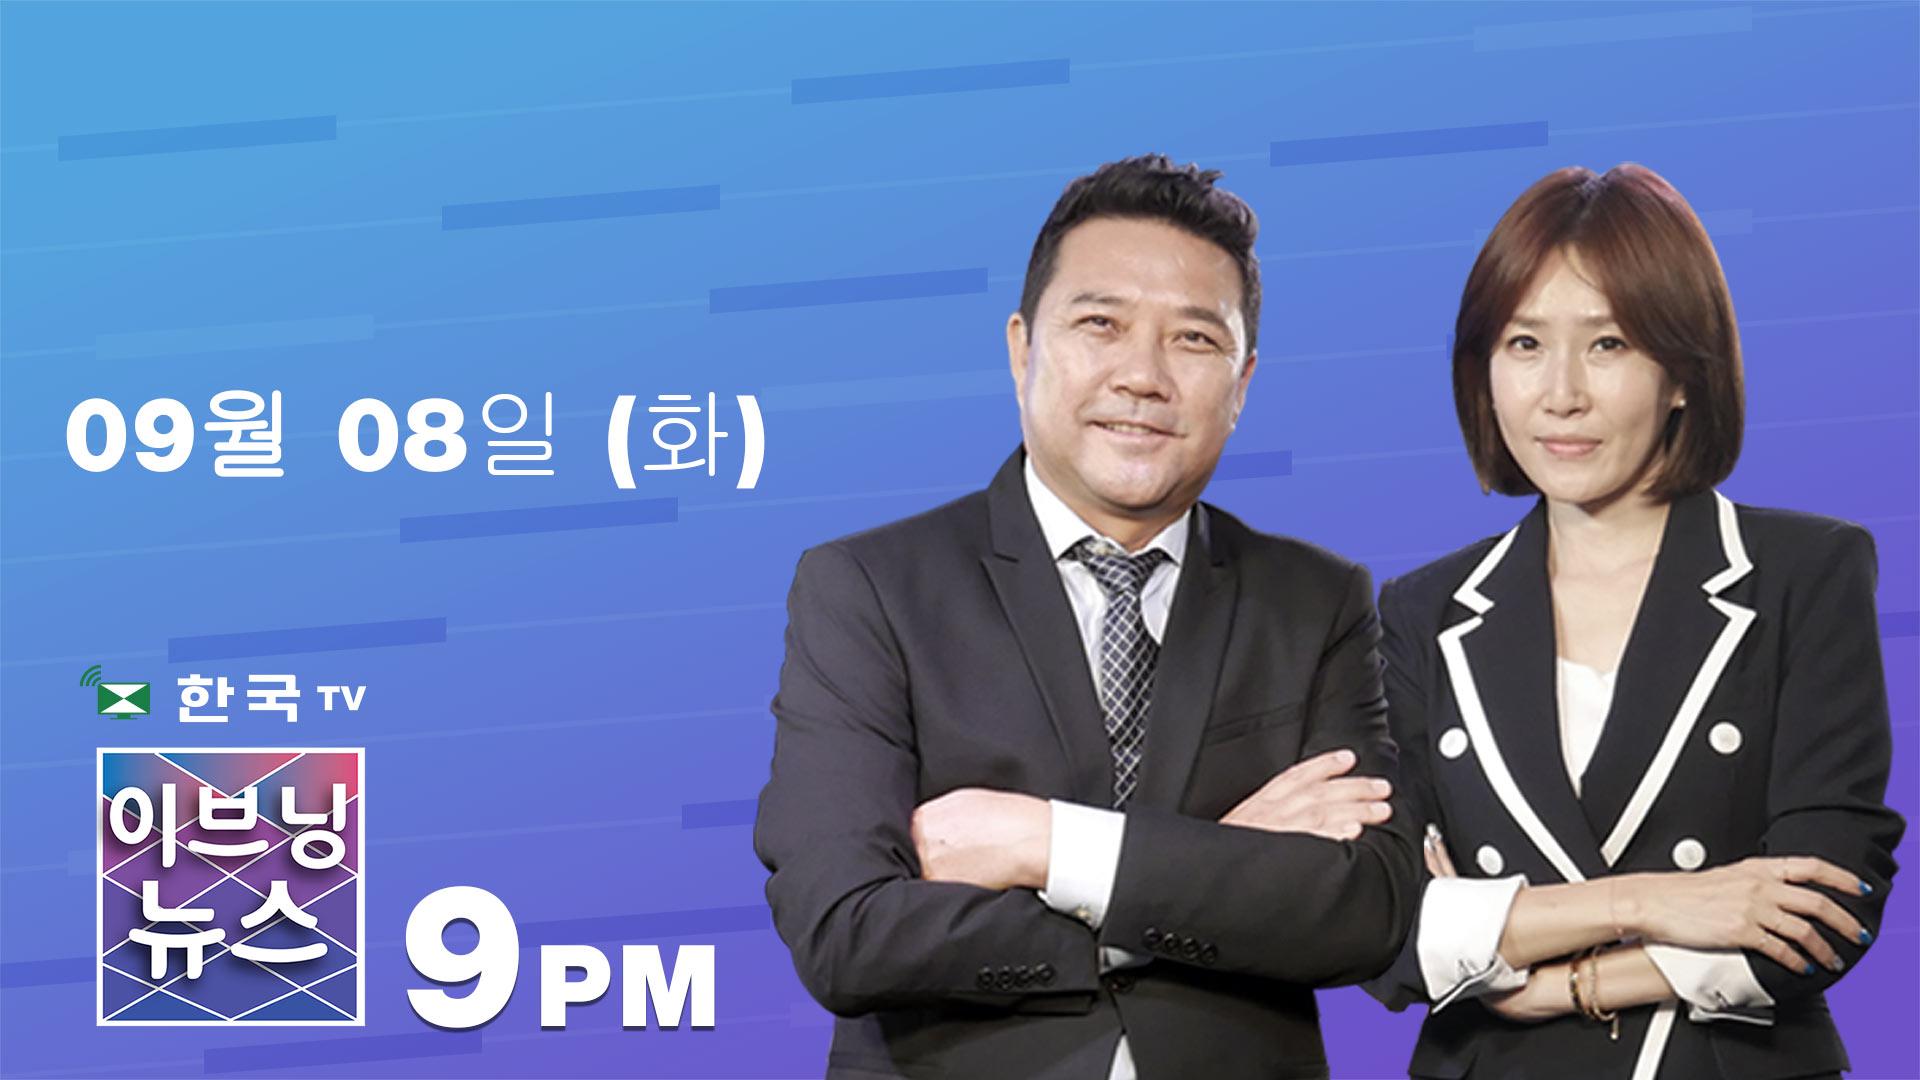 (09.08.2020) 한국TV 이브닝 뉴스